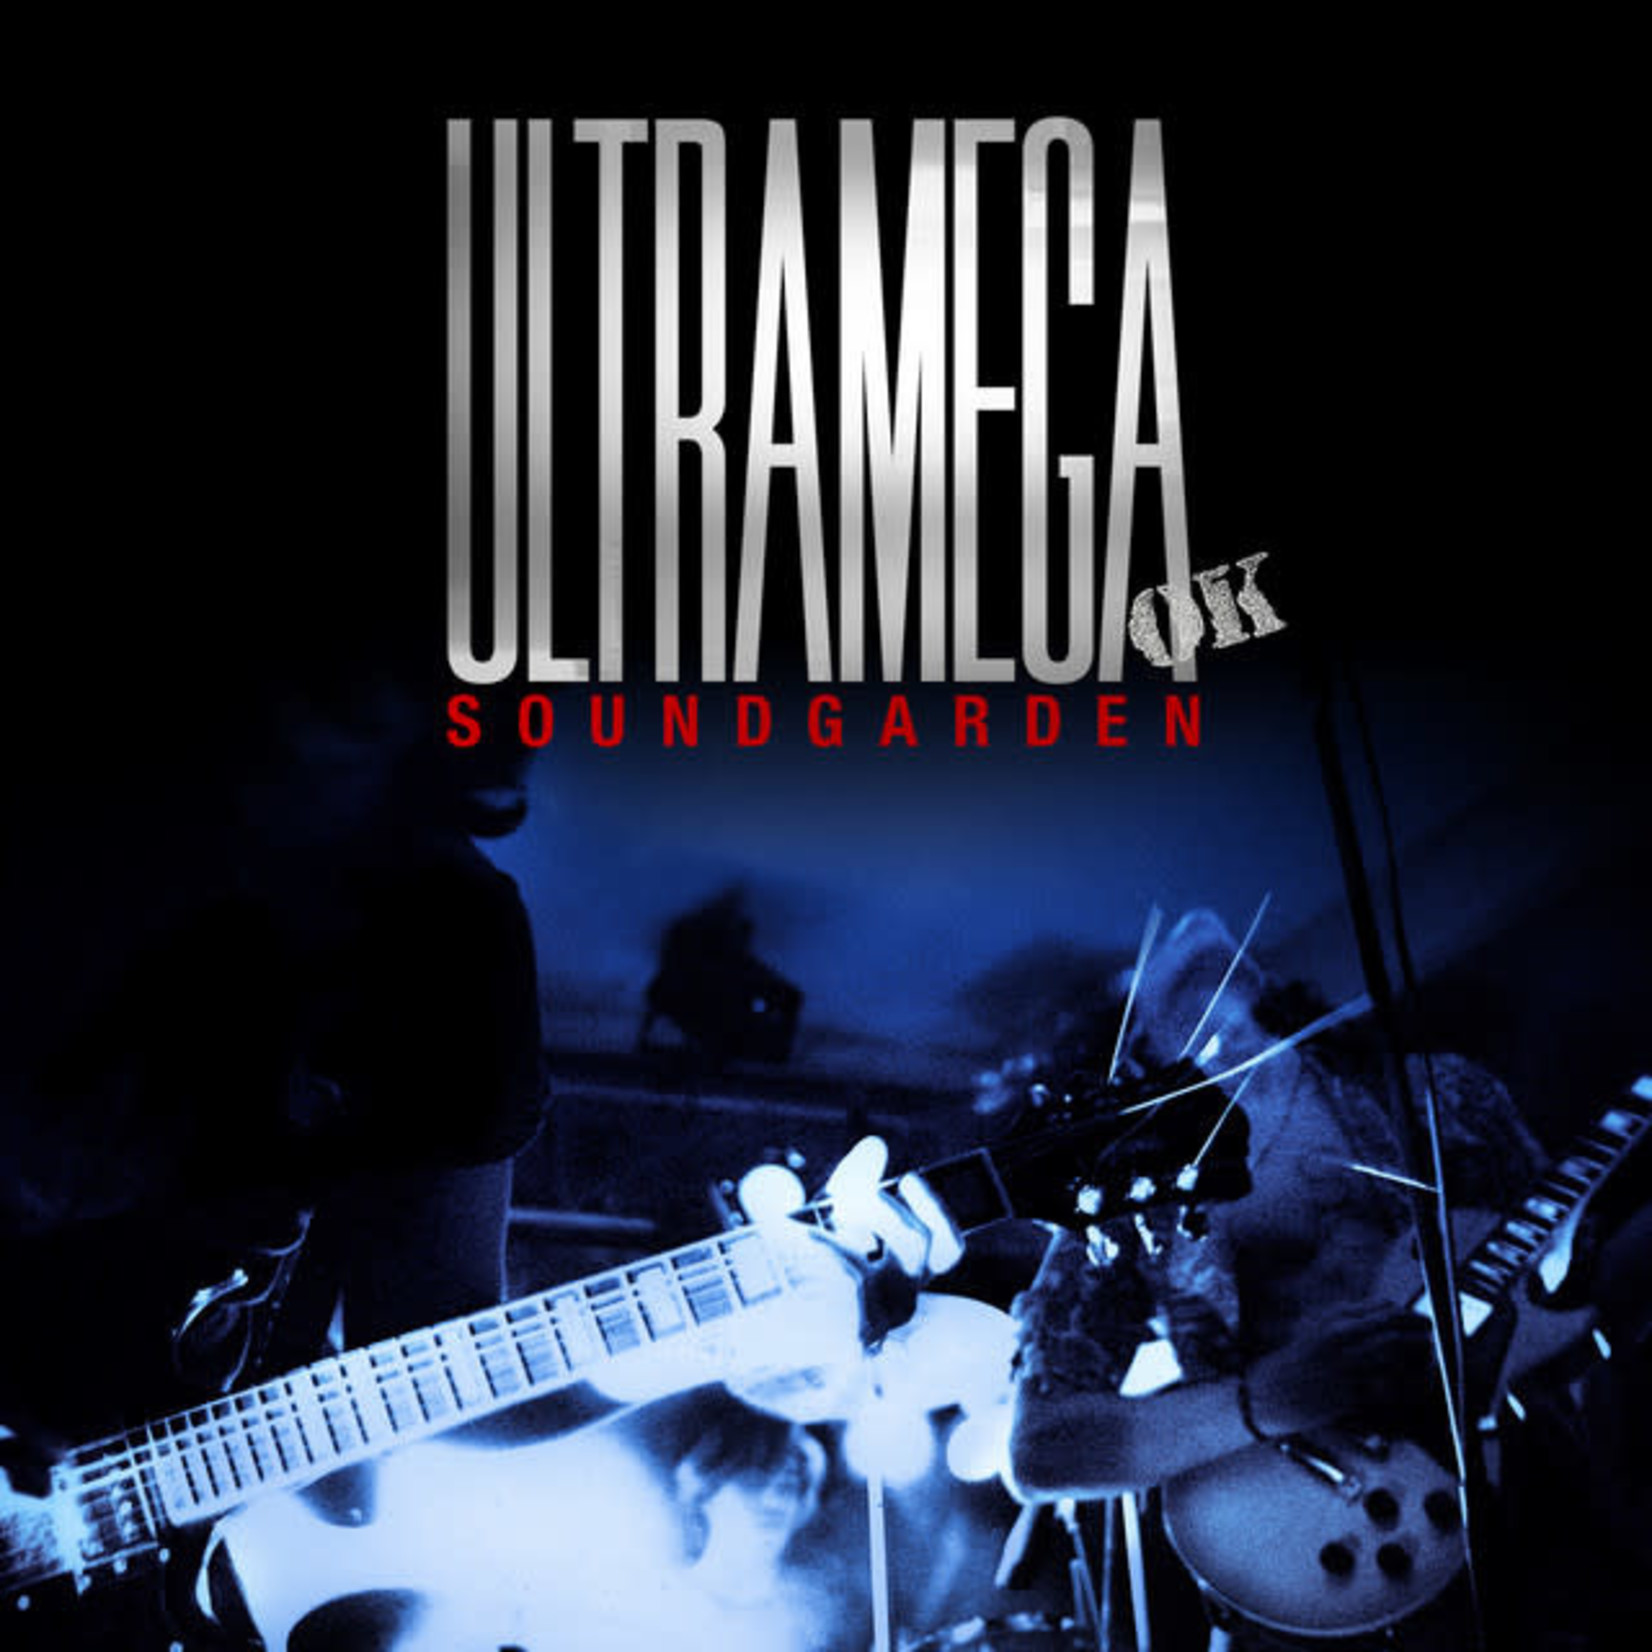 Vinyl Soundgarden - UltraMega OK